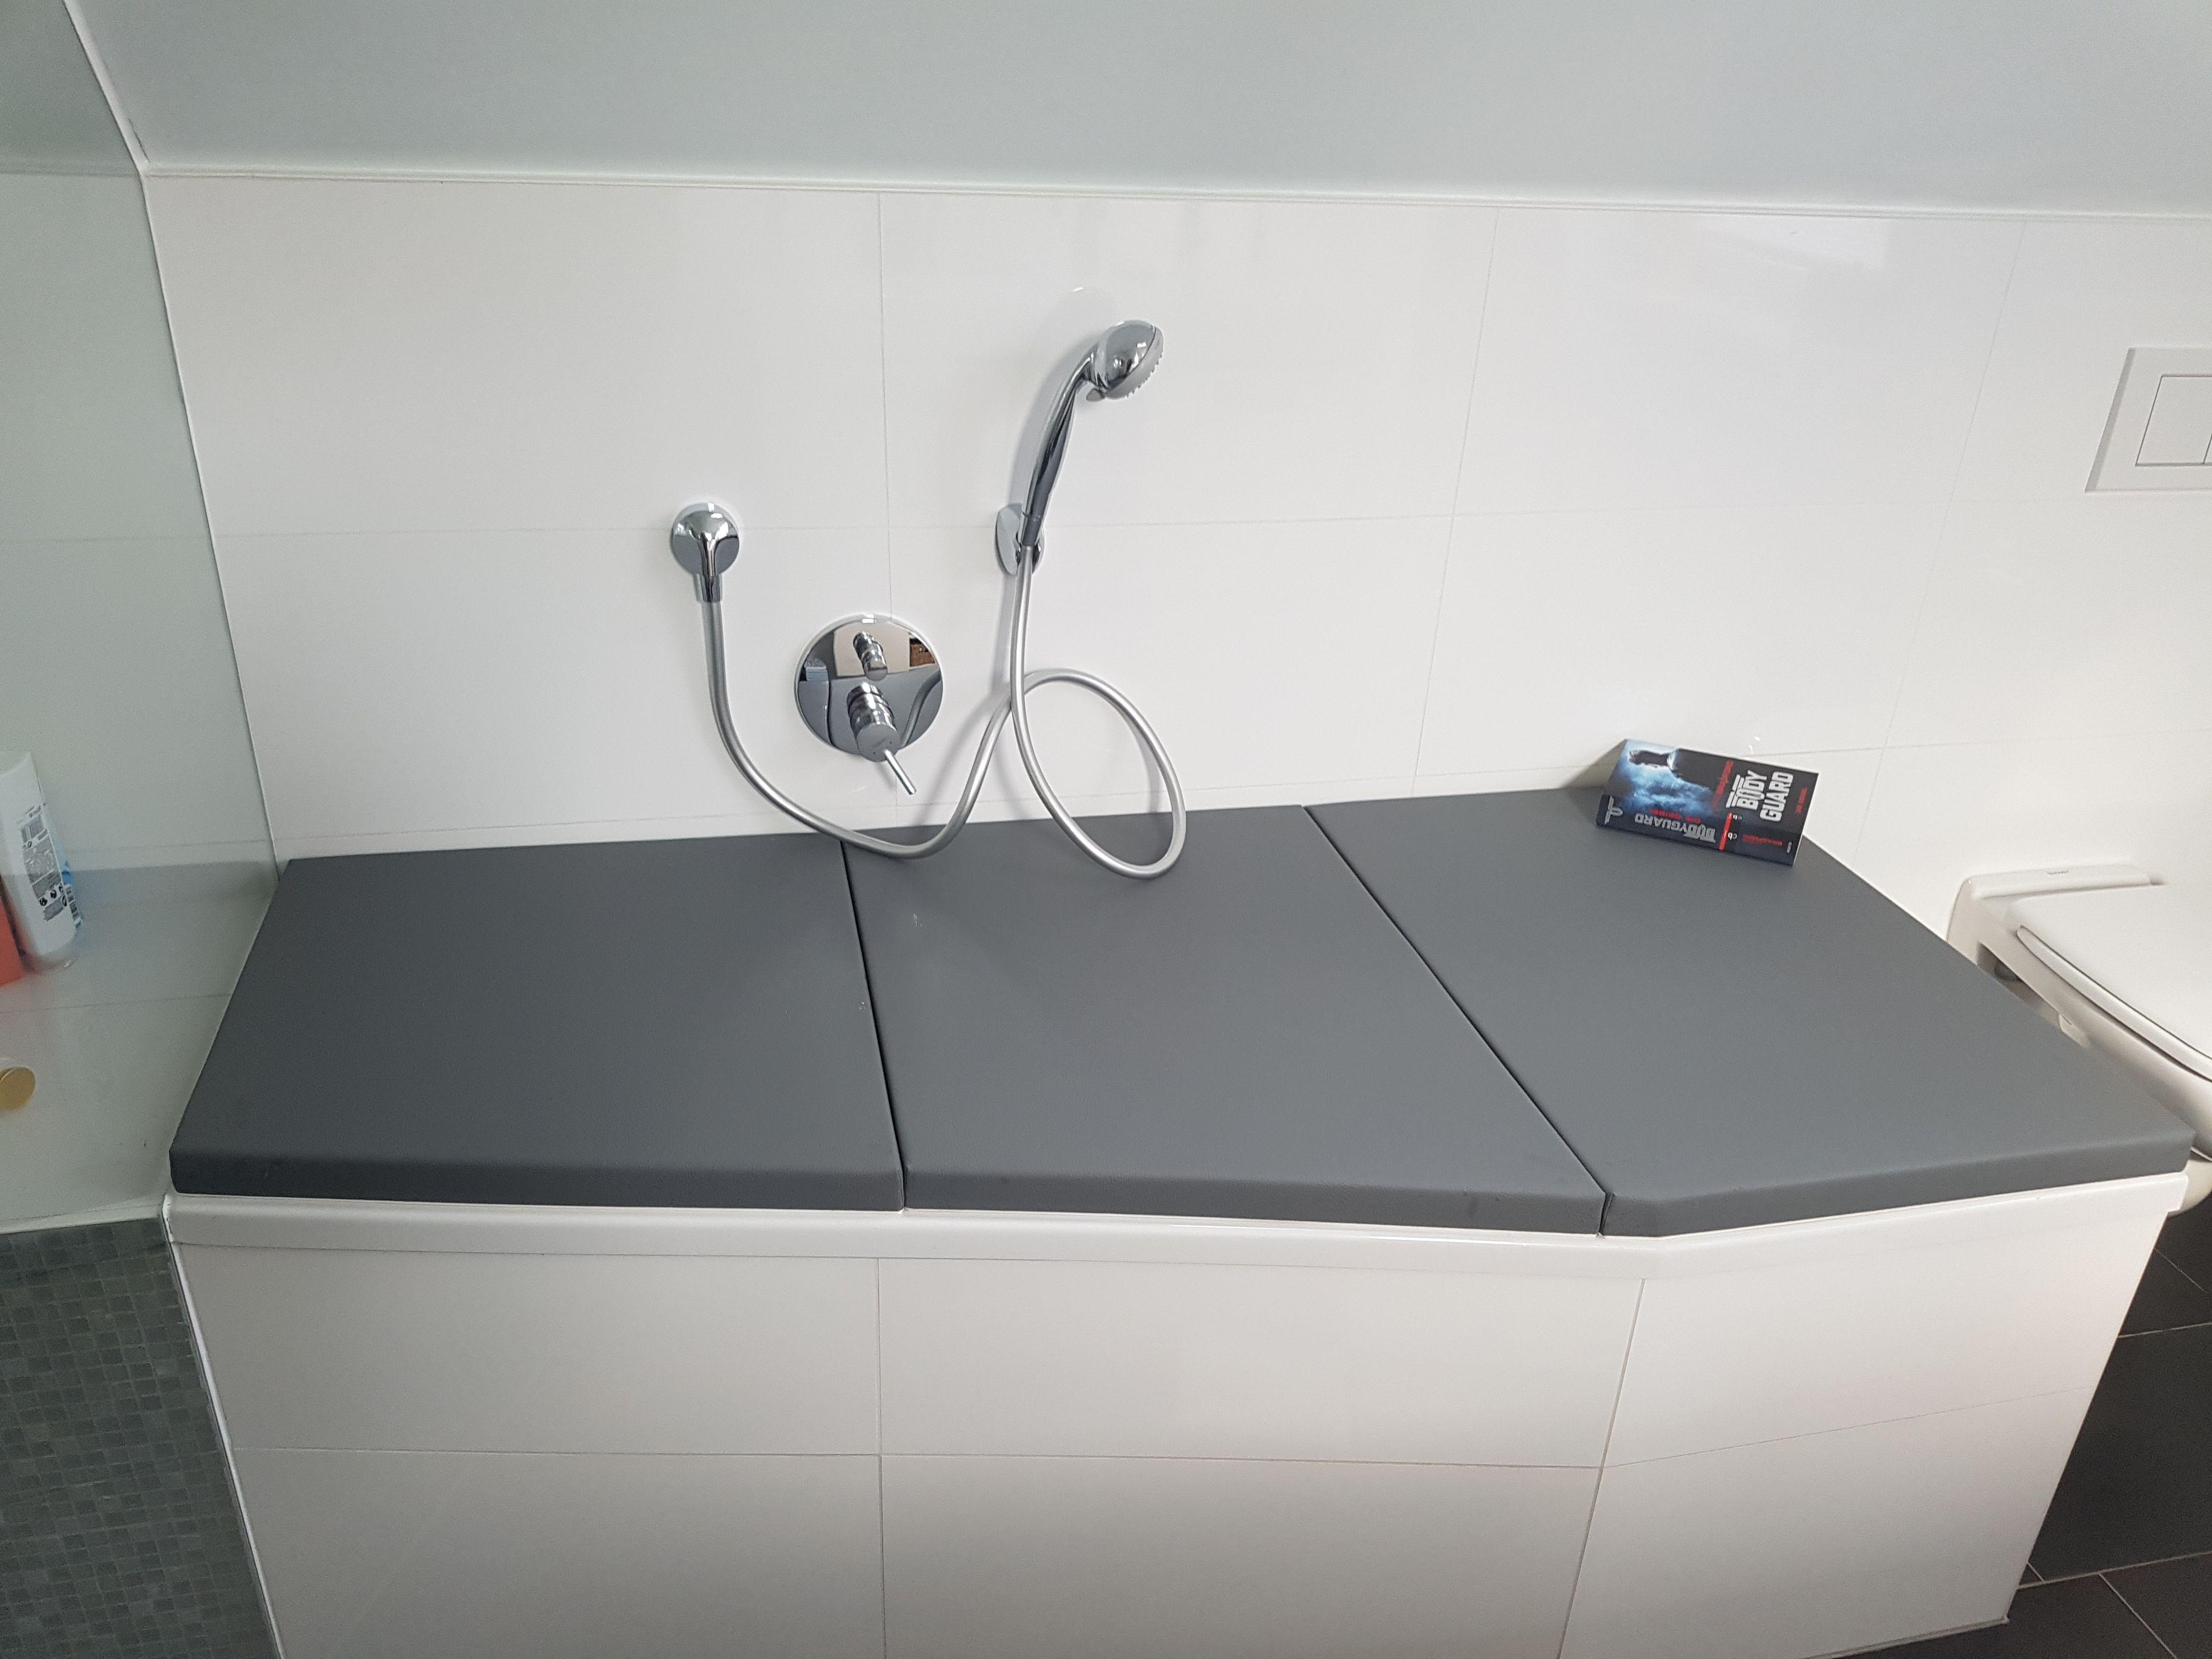 Bathcover Fur Eine Raumsparwanne Handemade Badewannenabdeckung Badewannenabdeckung Raumsparwanne Wanne